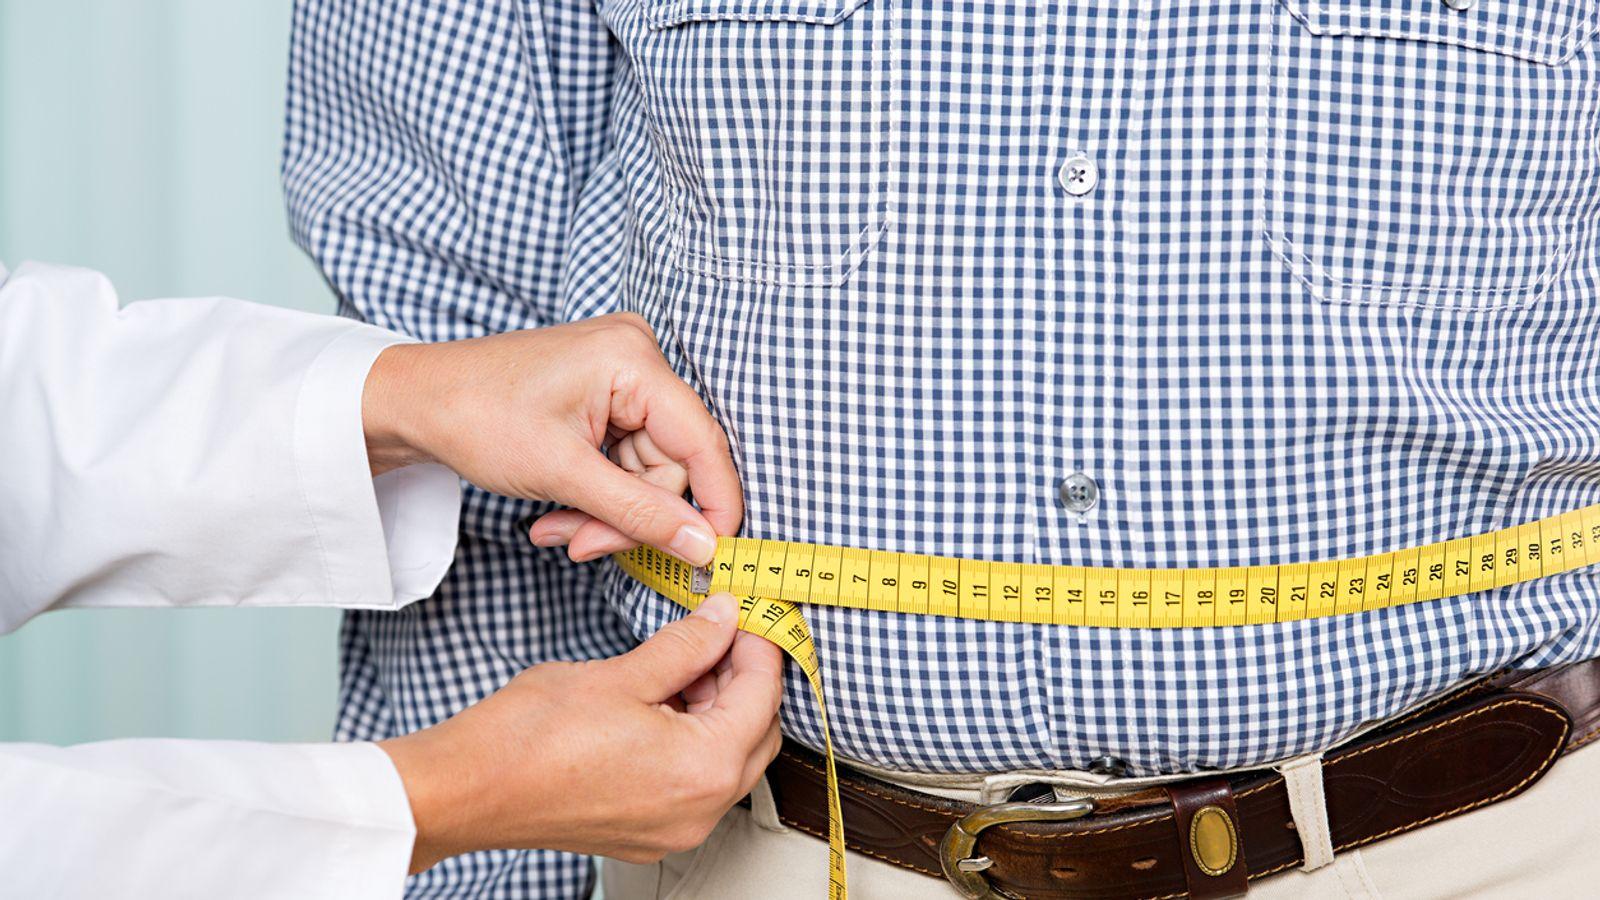 درباره مضرات  چاقی و اضافه وزن بیشتر بدانیم